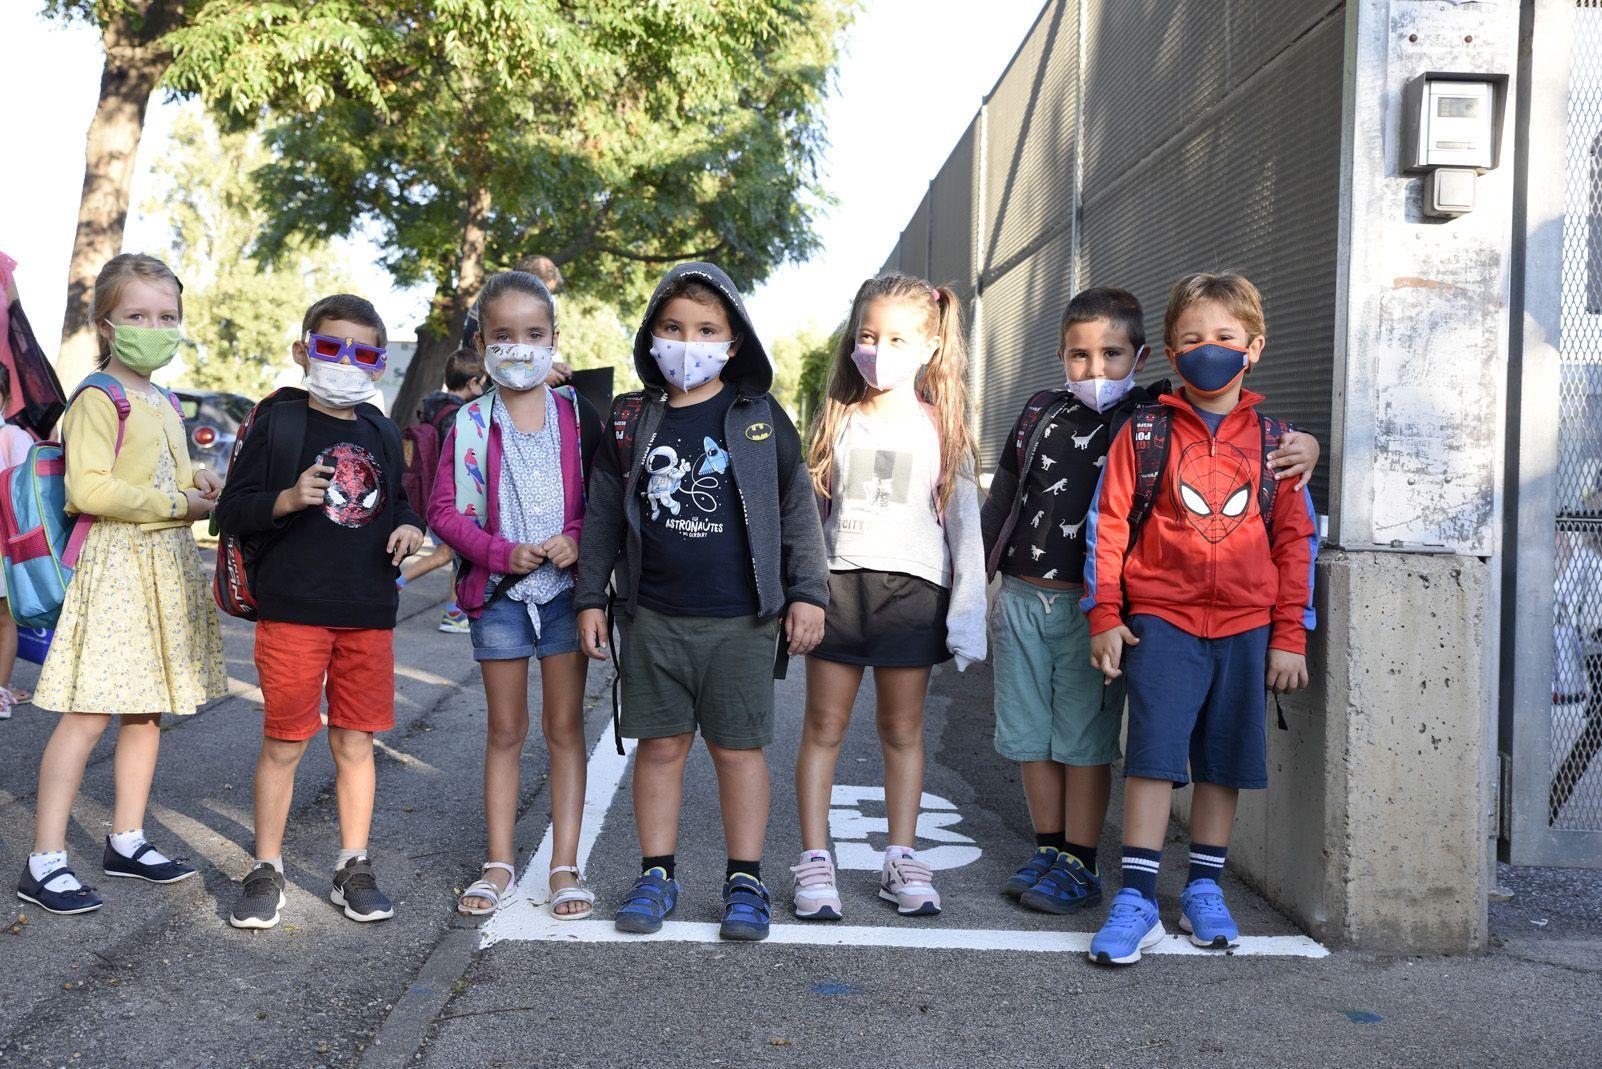 Després de sis mesos lluny de les aules, els infants van tornar a l'escola el 14 de setembre. FOTO: Bernat Millet